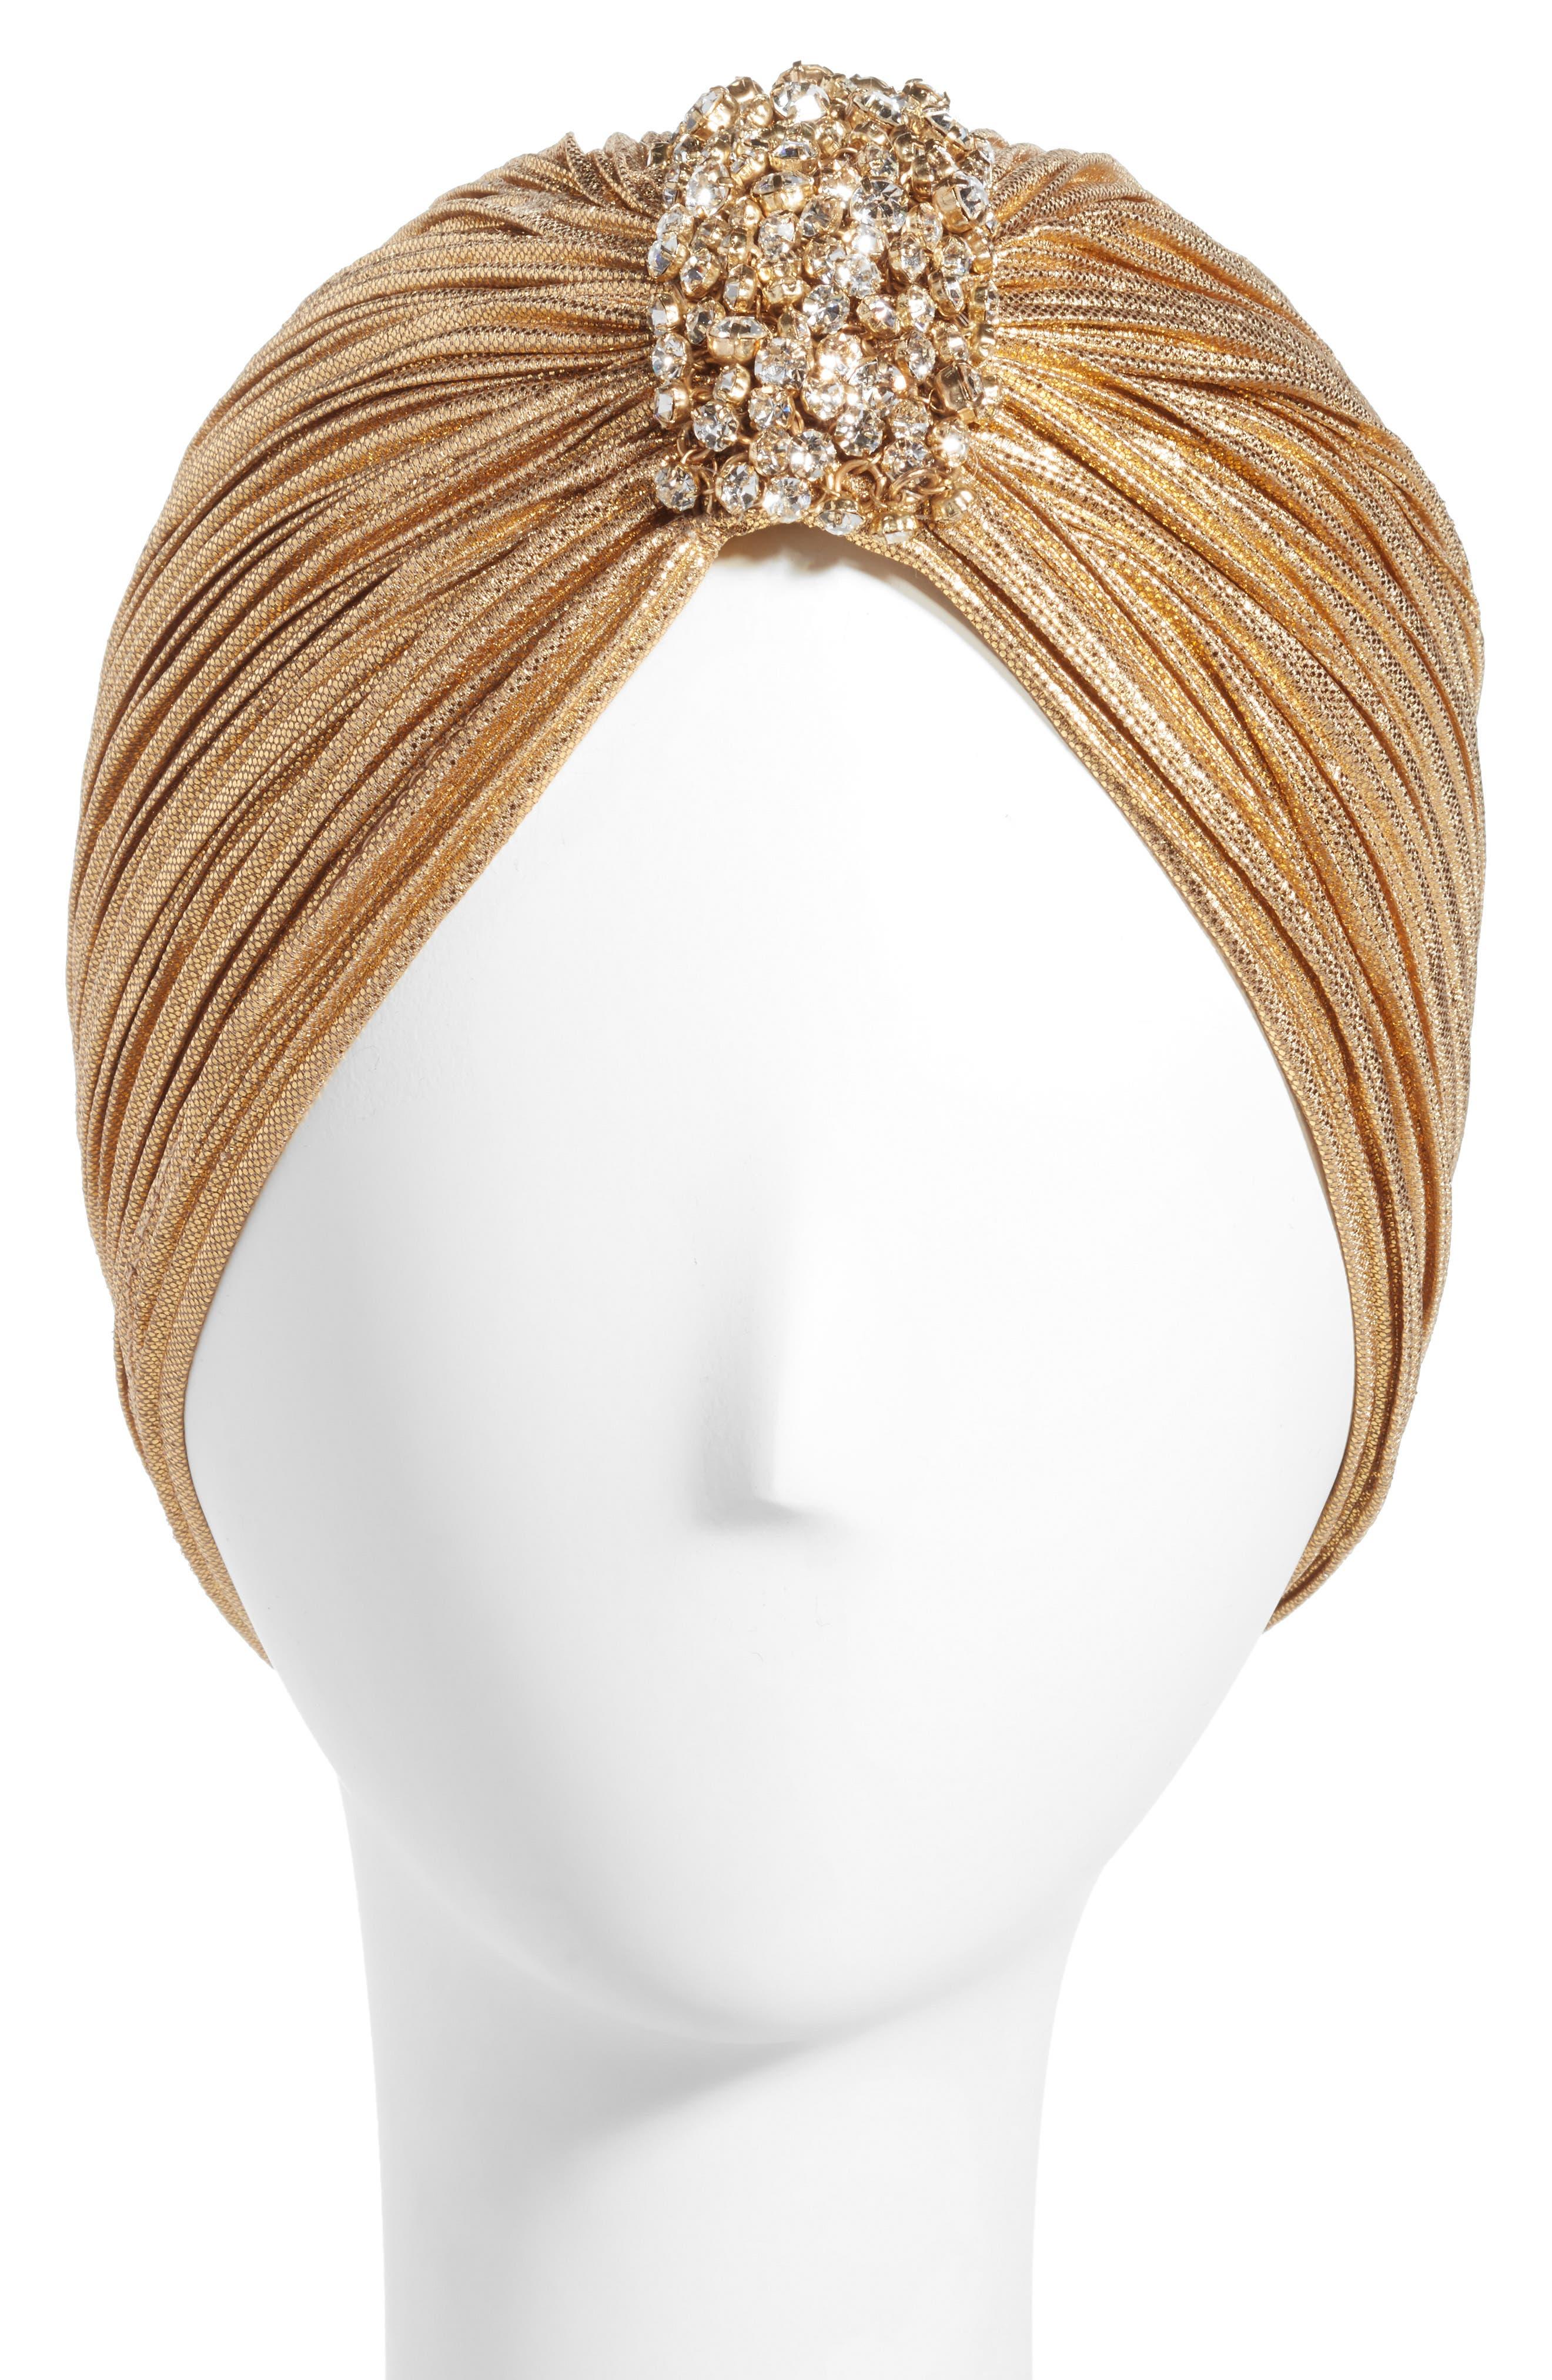 Alternate Image 1 Selected - Tasha Crystal Turban